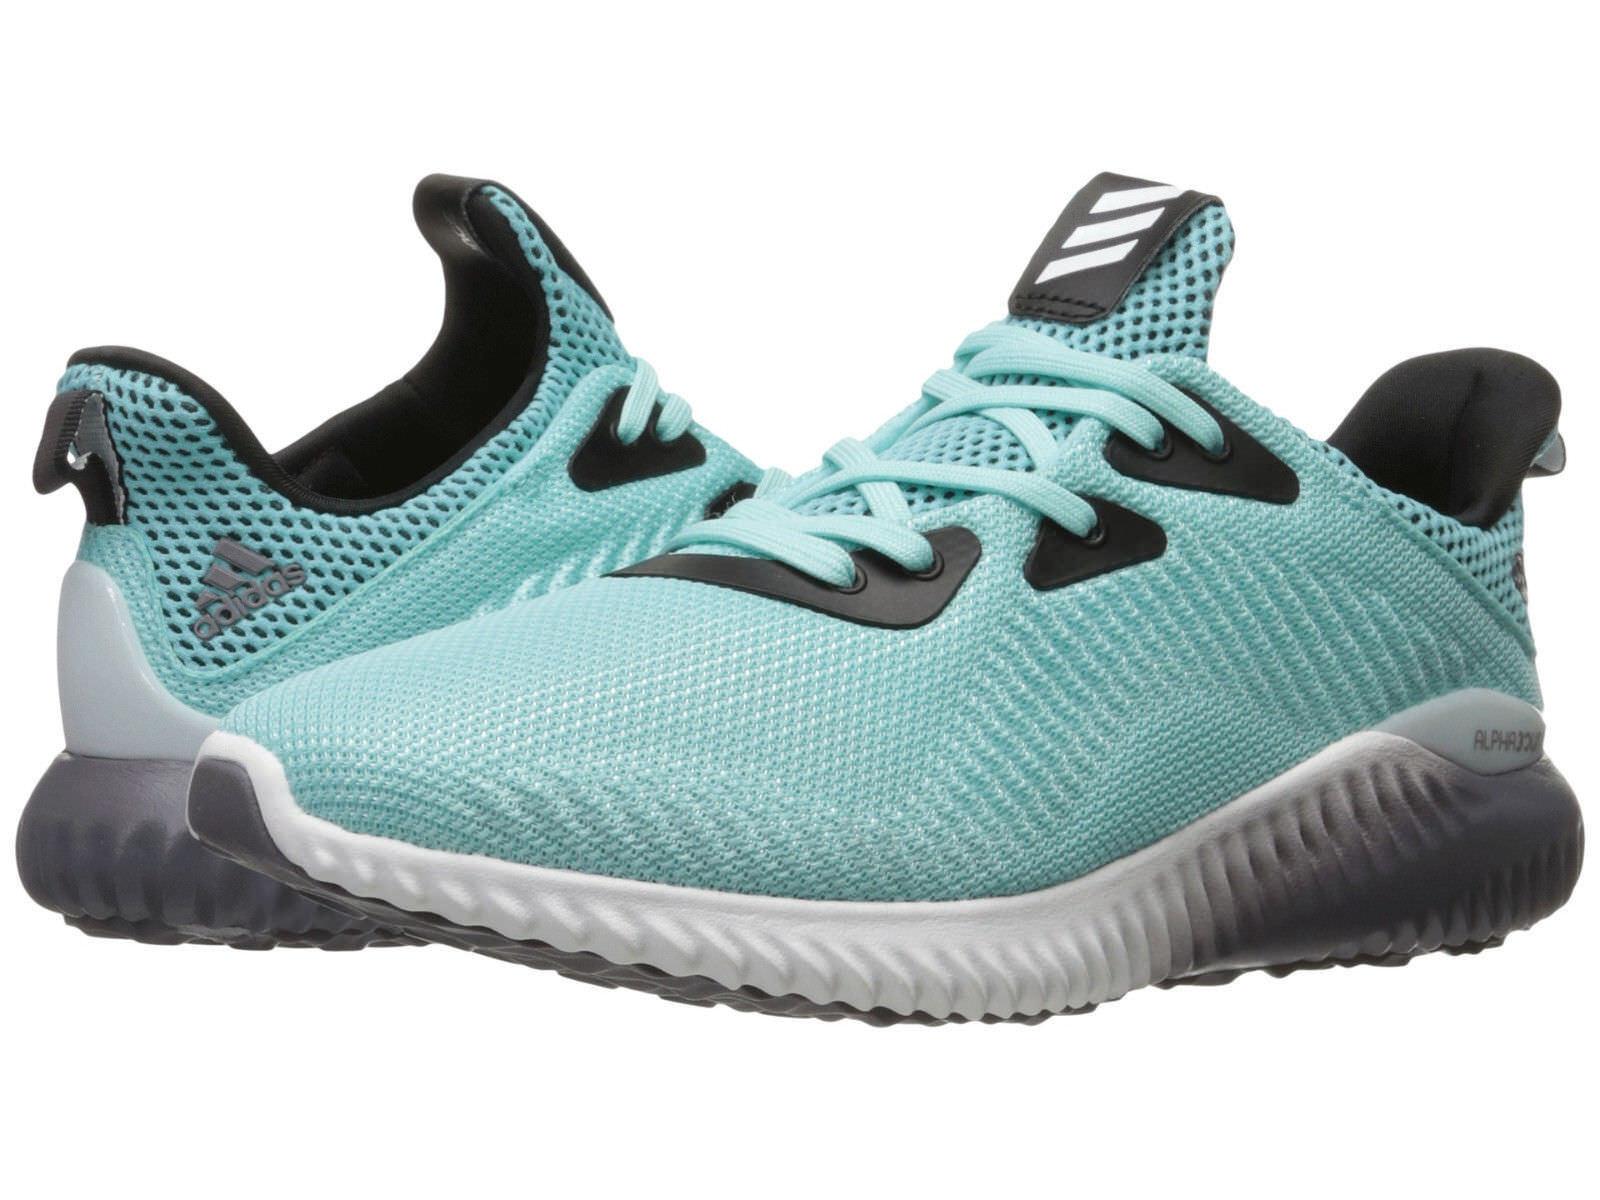 Women's Adidas Alphabounce 1 Running shoes - B39429